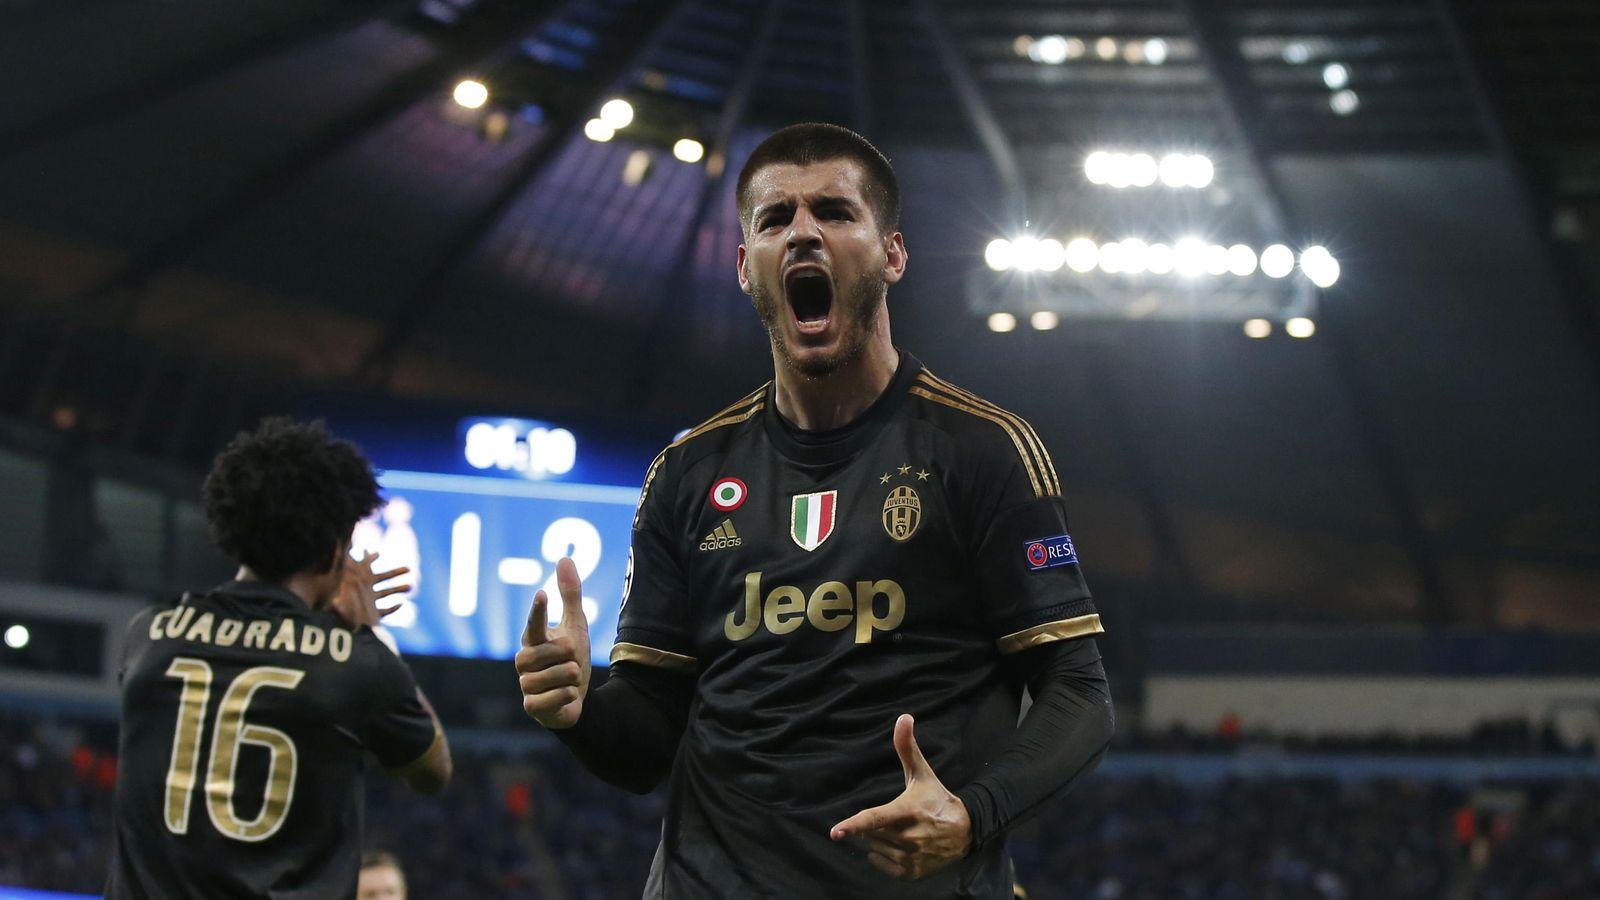 Foto: Álvaro Morata celebra el gol que dio el triunfo a la Juventus en el Etihad Stadium (Reuters)